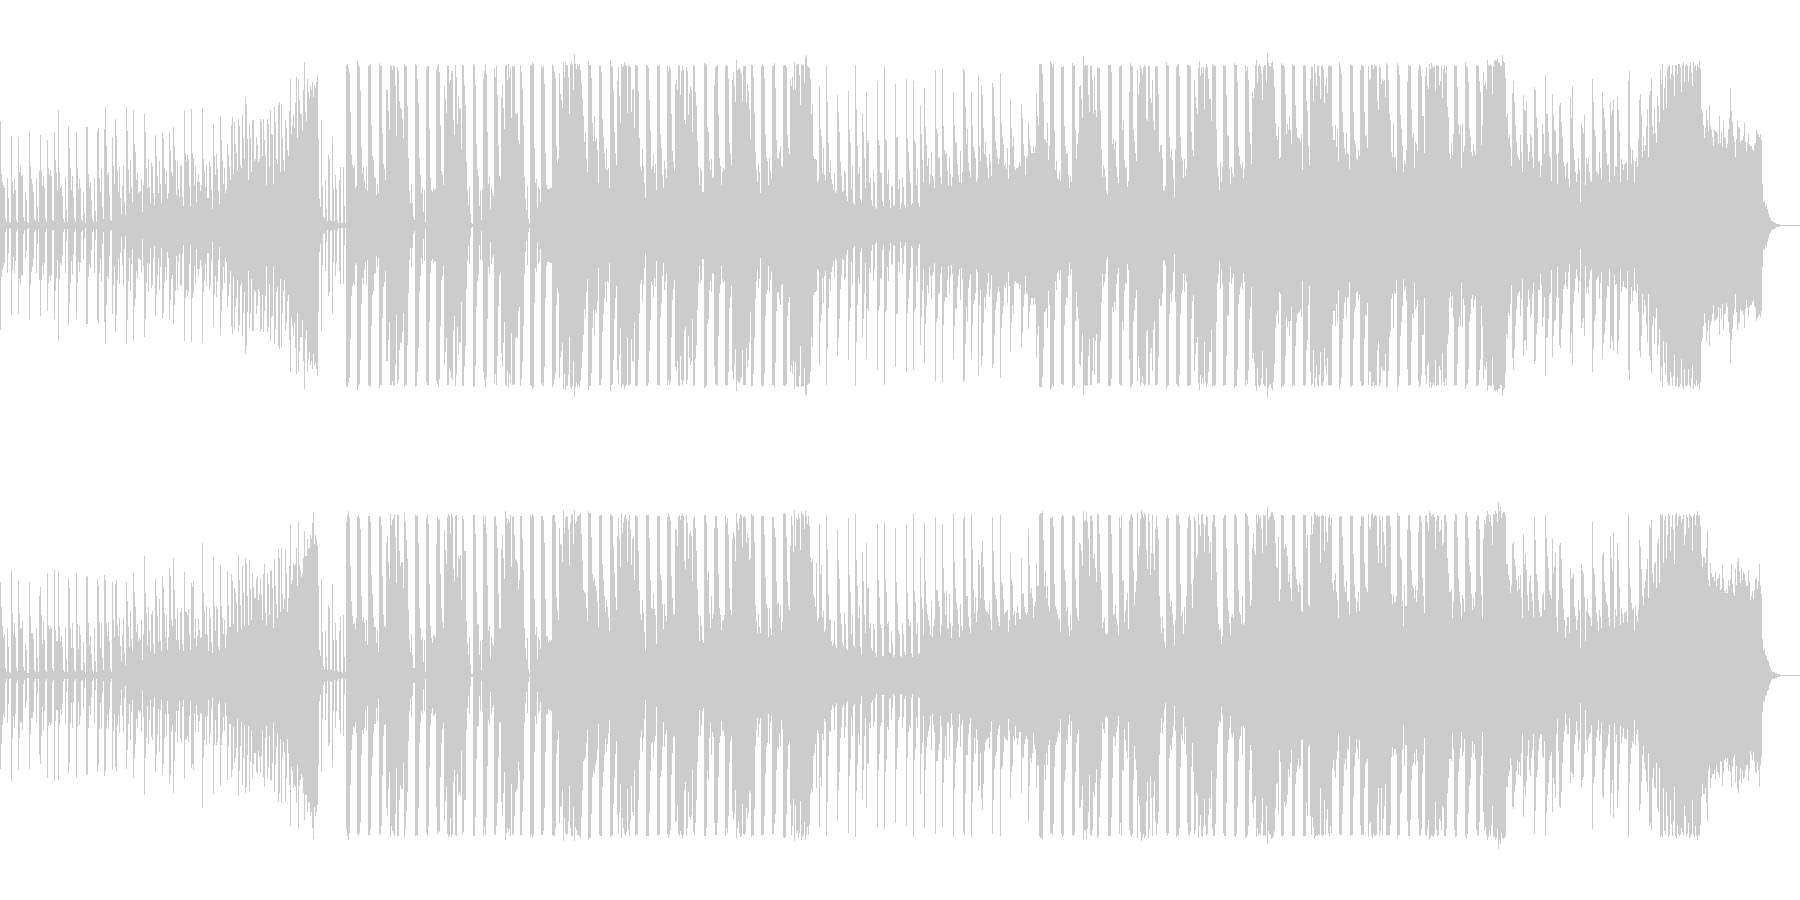 お洒落なアップテンポのテクノポップの曲の未再生の波形